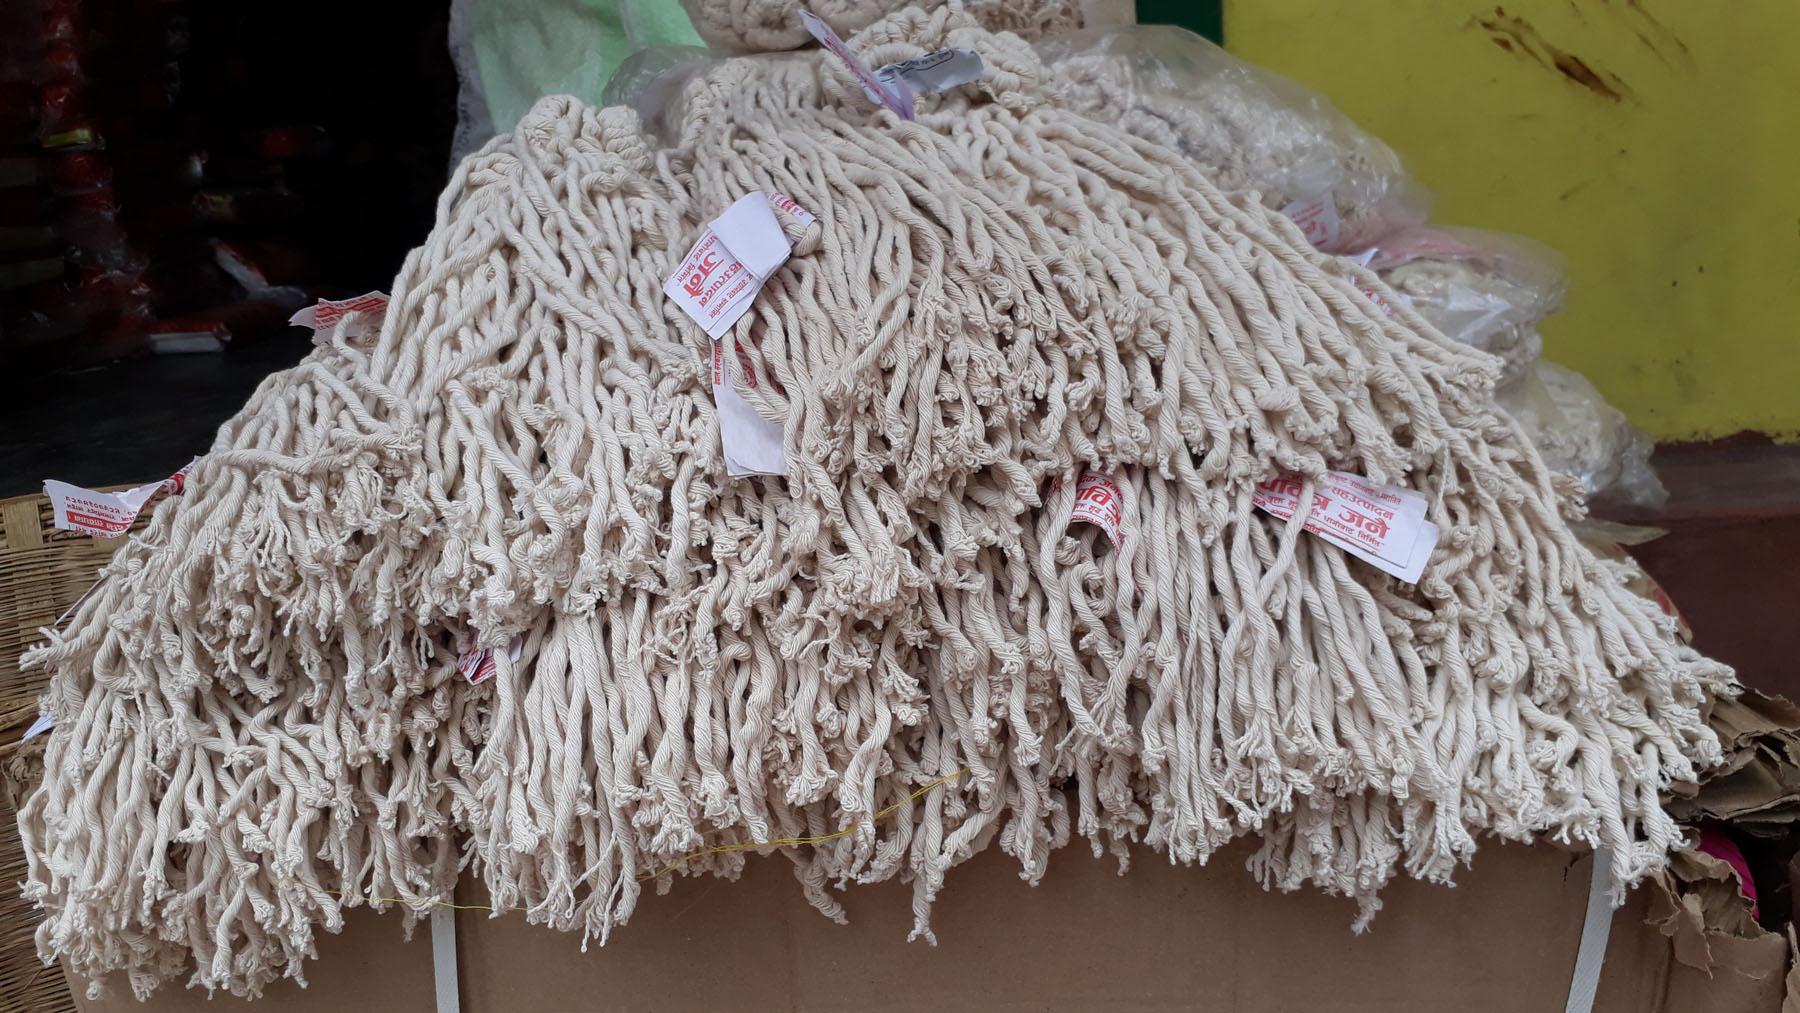 जनैपूर्णिमाका लागि दाङको घोराही बजारमा बिक्री गर्न राखिएका जनै तथा रक्षा बन्धनसम्बन्धी सामग्री । रञ्जिता अधिकारी/रासस